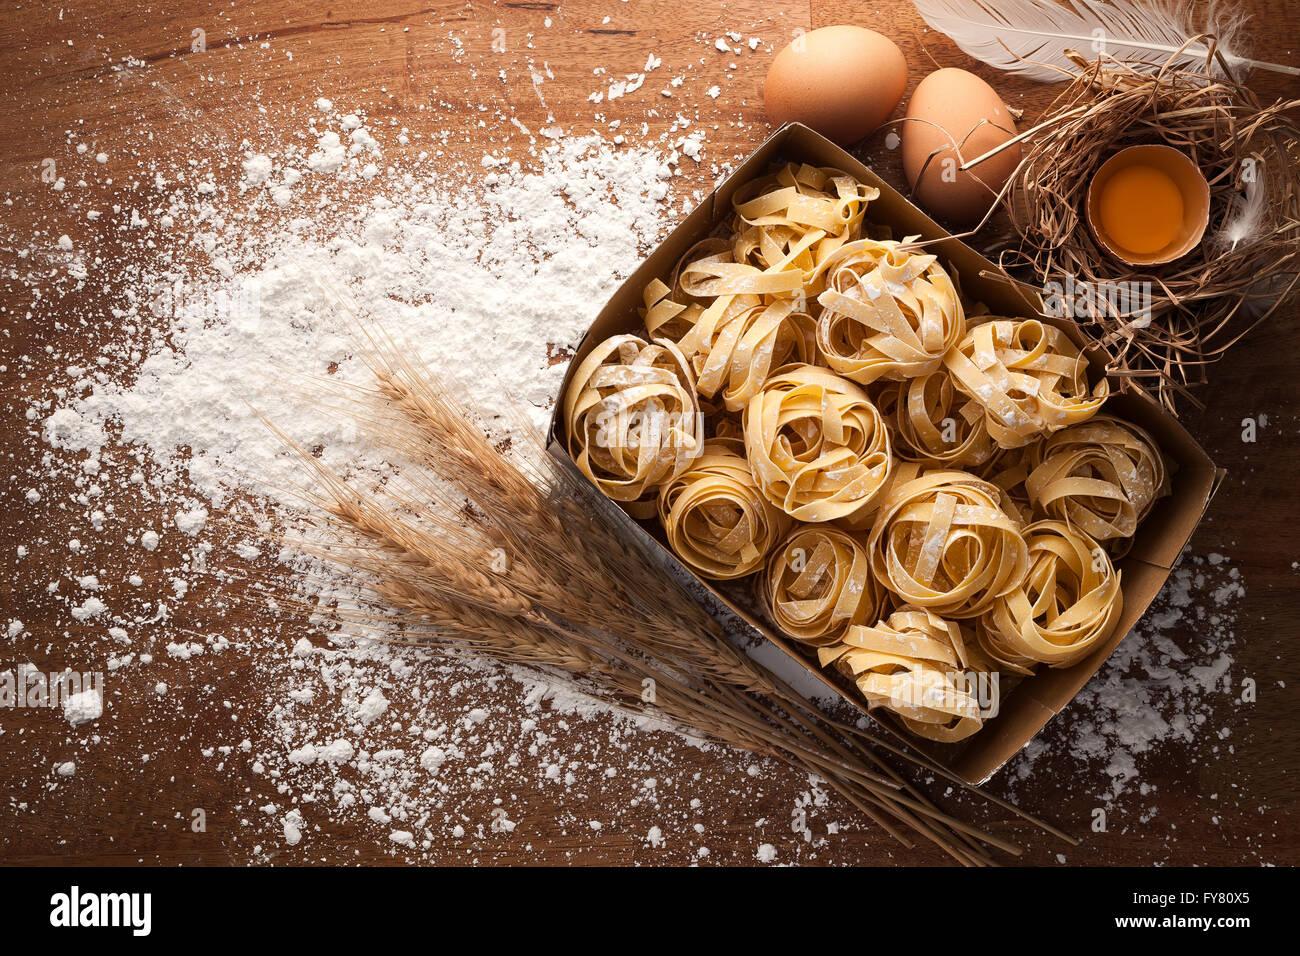 Fettuccine Nudeln italienische Essen Stilleben rustikale Wohnung legen Holz Hintergrund Tagliatelle Alfredo Eigelb Stockbild